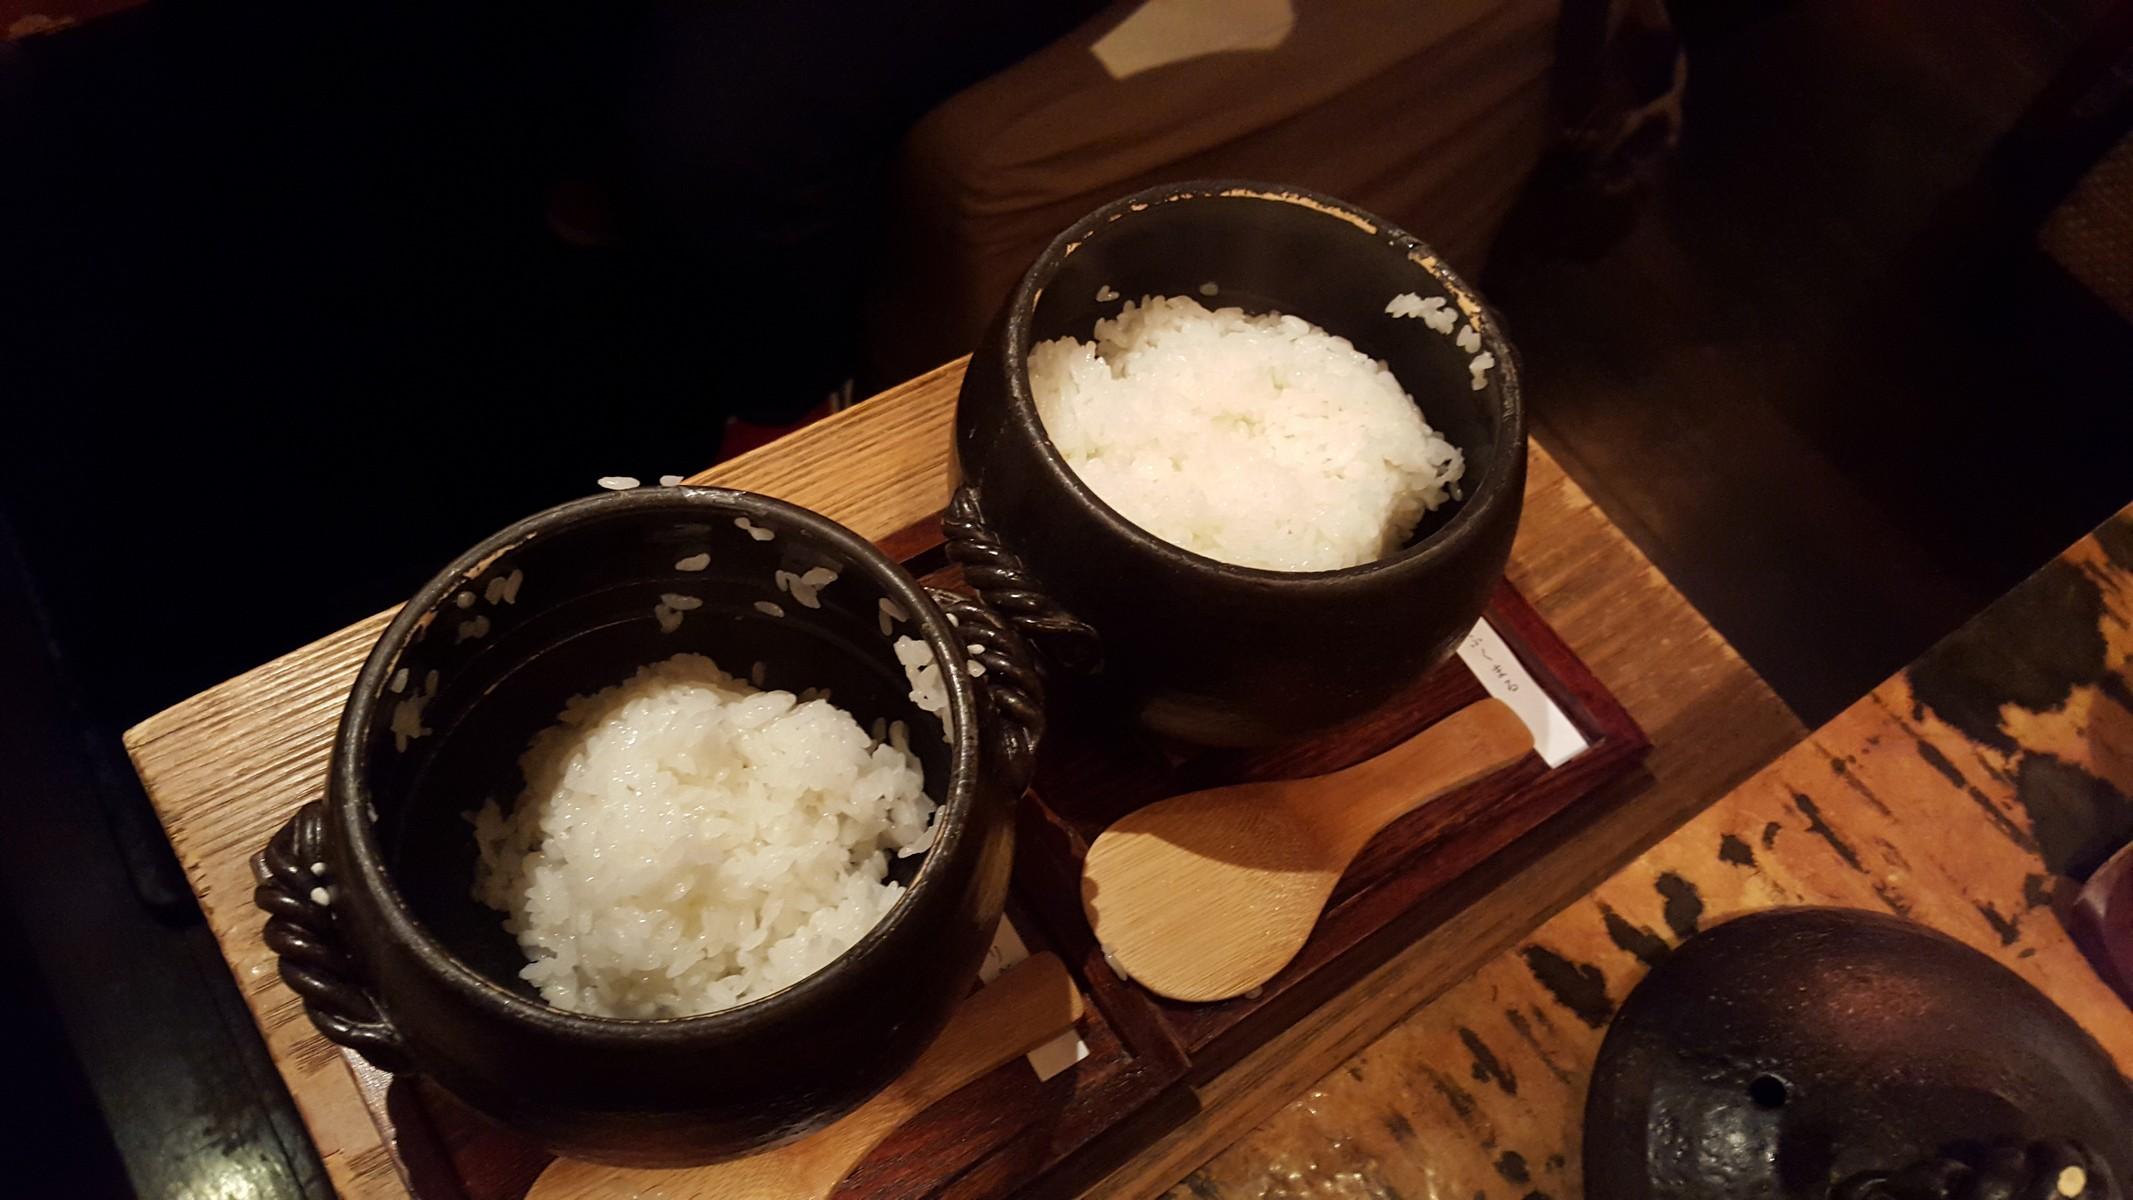 土鍋ごはん(ふくまる、逢地さがびより)【米福/恵比寿】